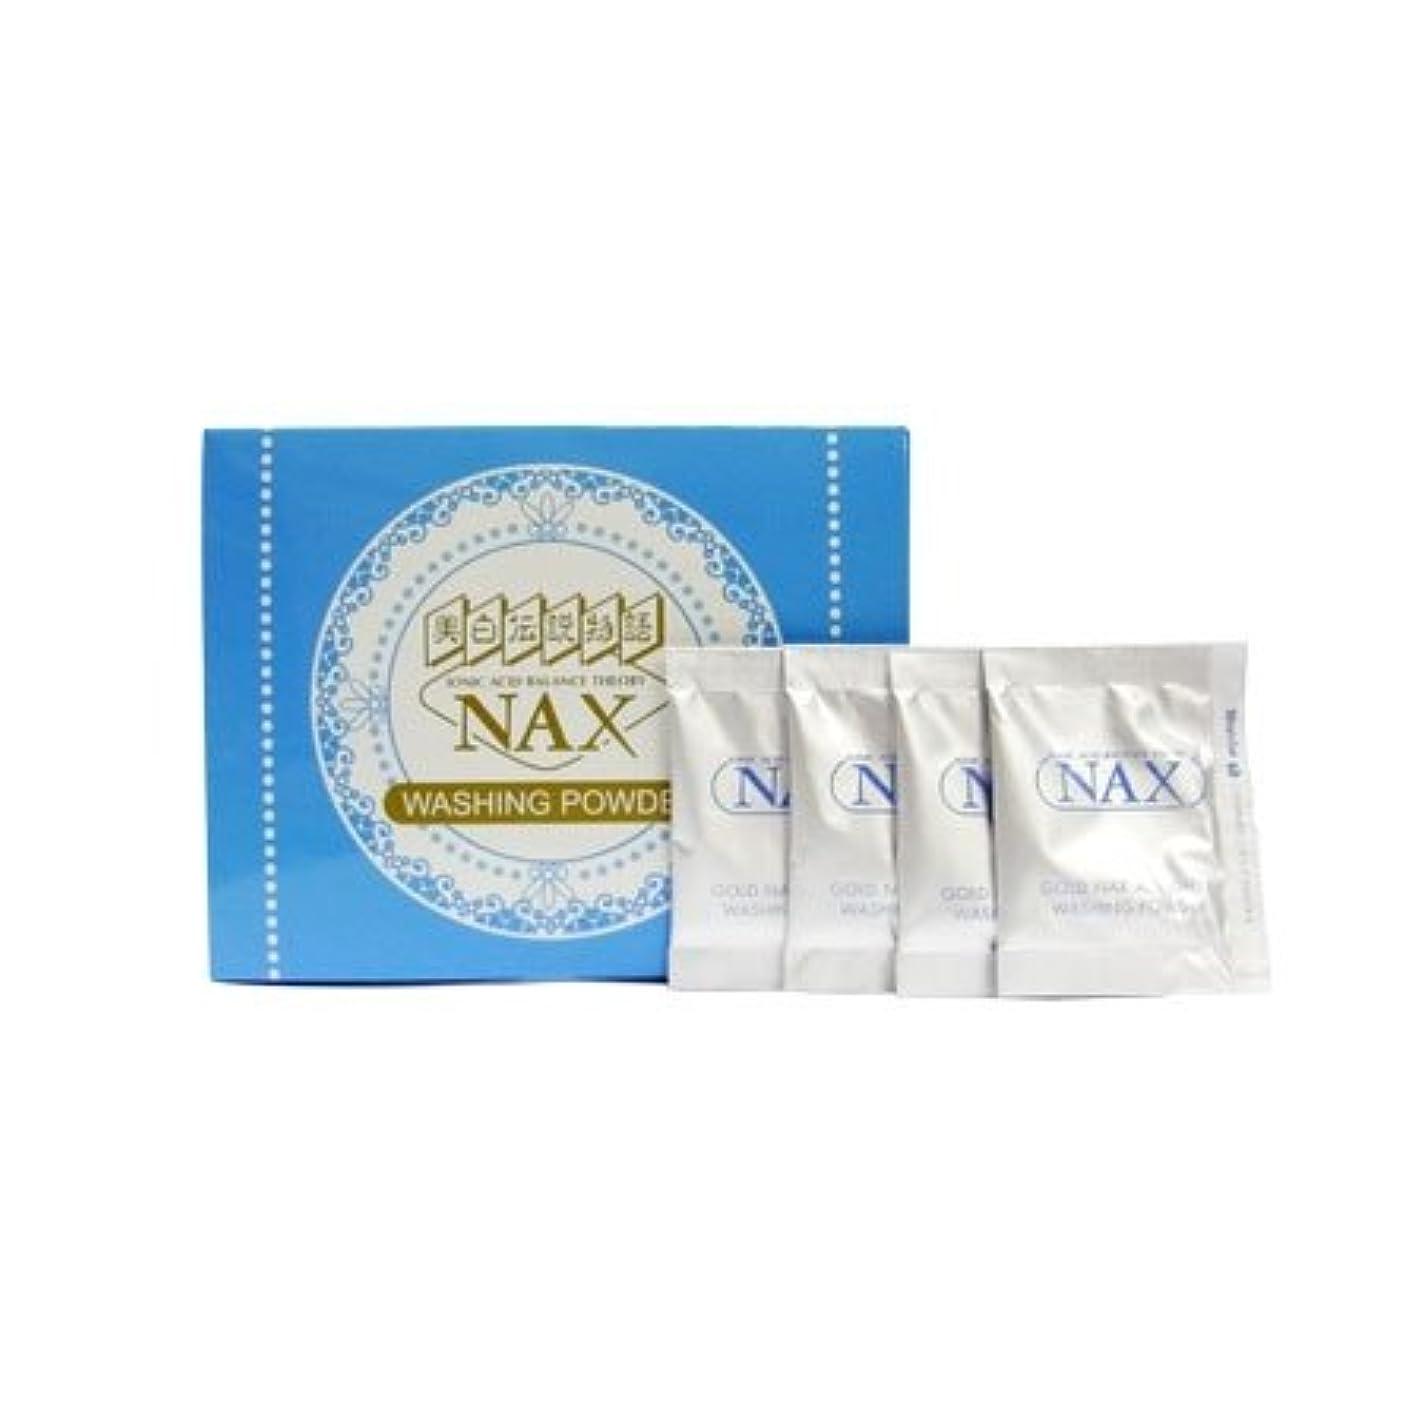 ドキドキぼろコカイン洗顔パウダー ウォッシングパウダー 洗顔 弱酸性 酵素洗顔料 敏感肌対応 (2箱)